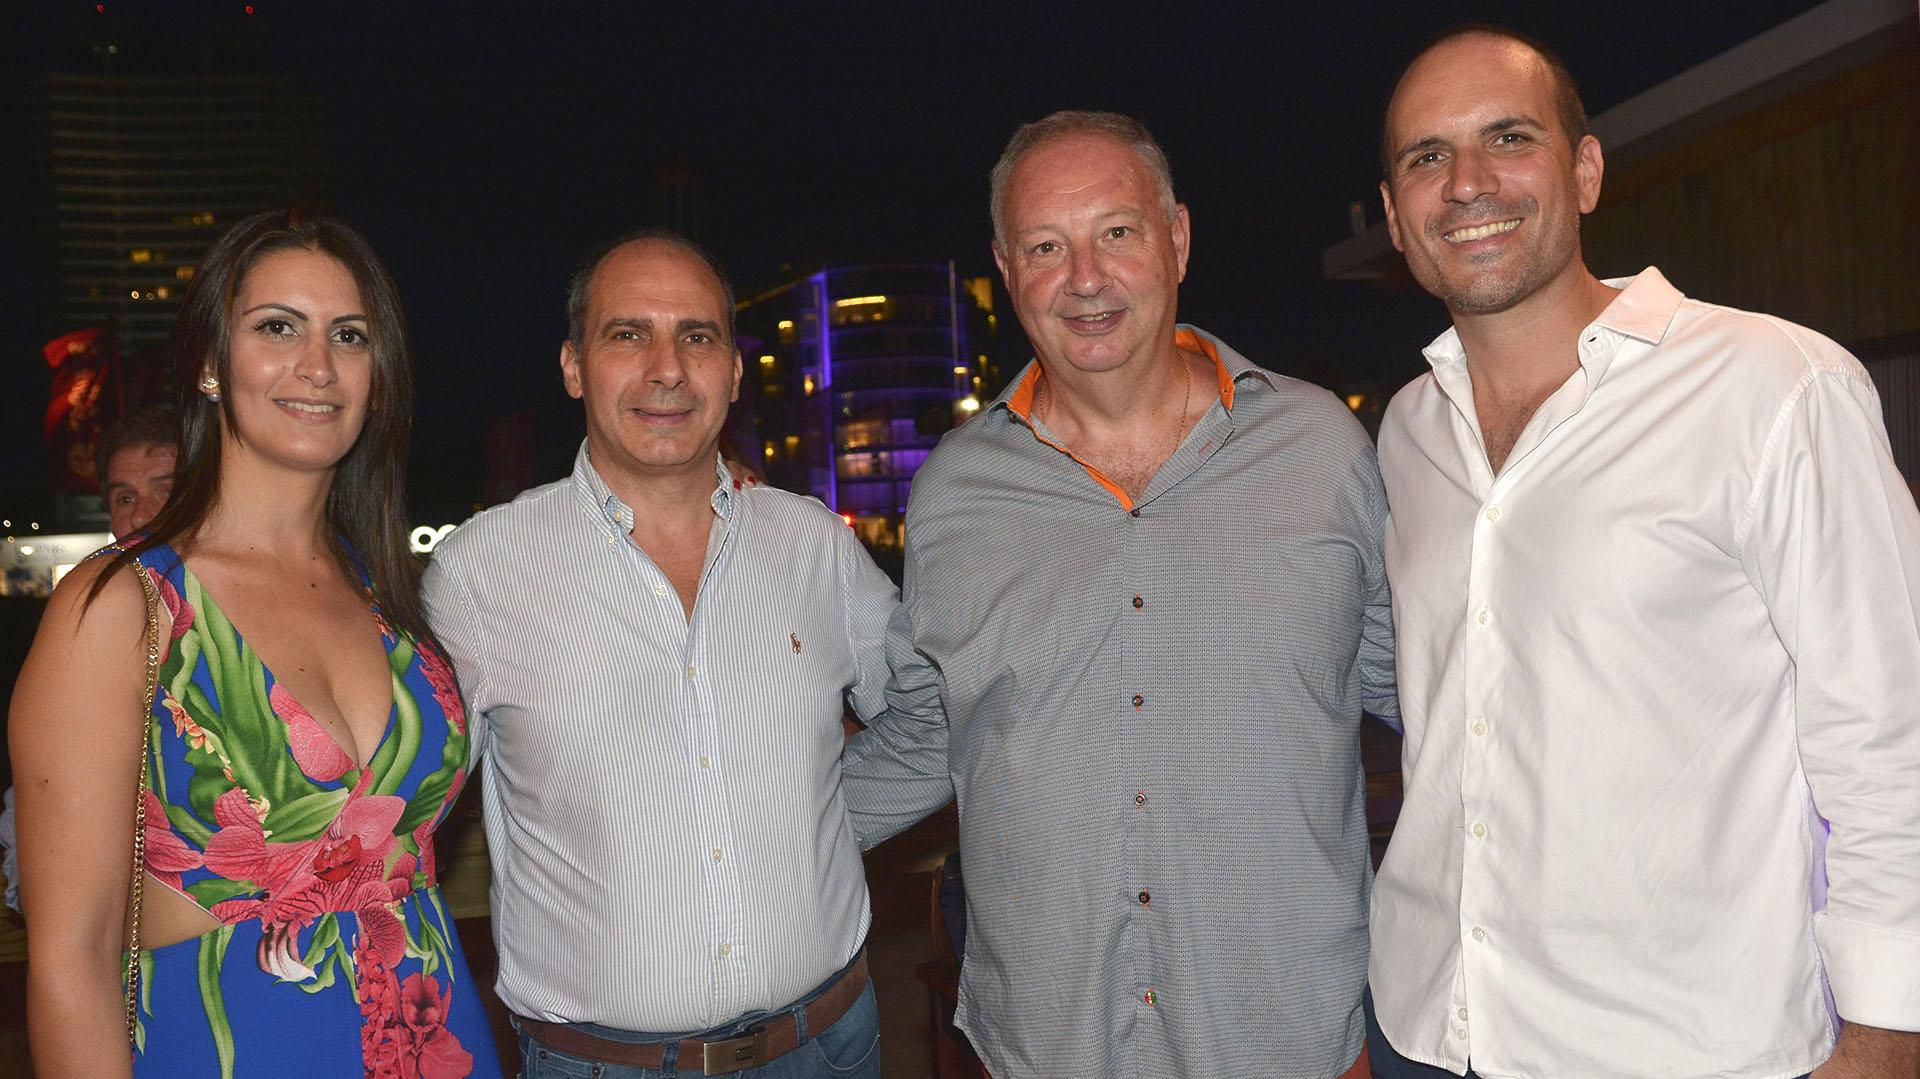 Senador Daniel Bianchi y Sra, Edgardo Bovo y Sebastian Trivero.